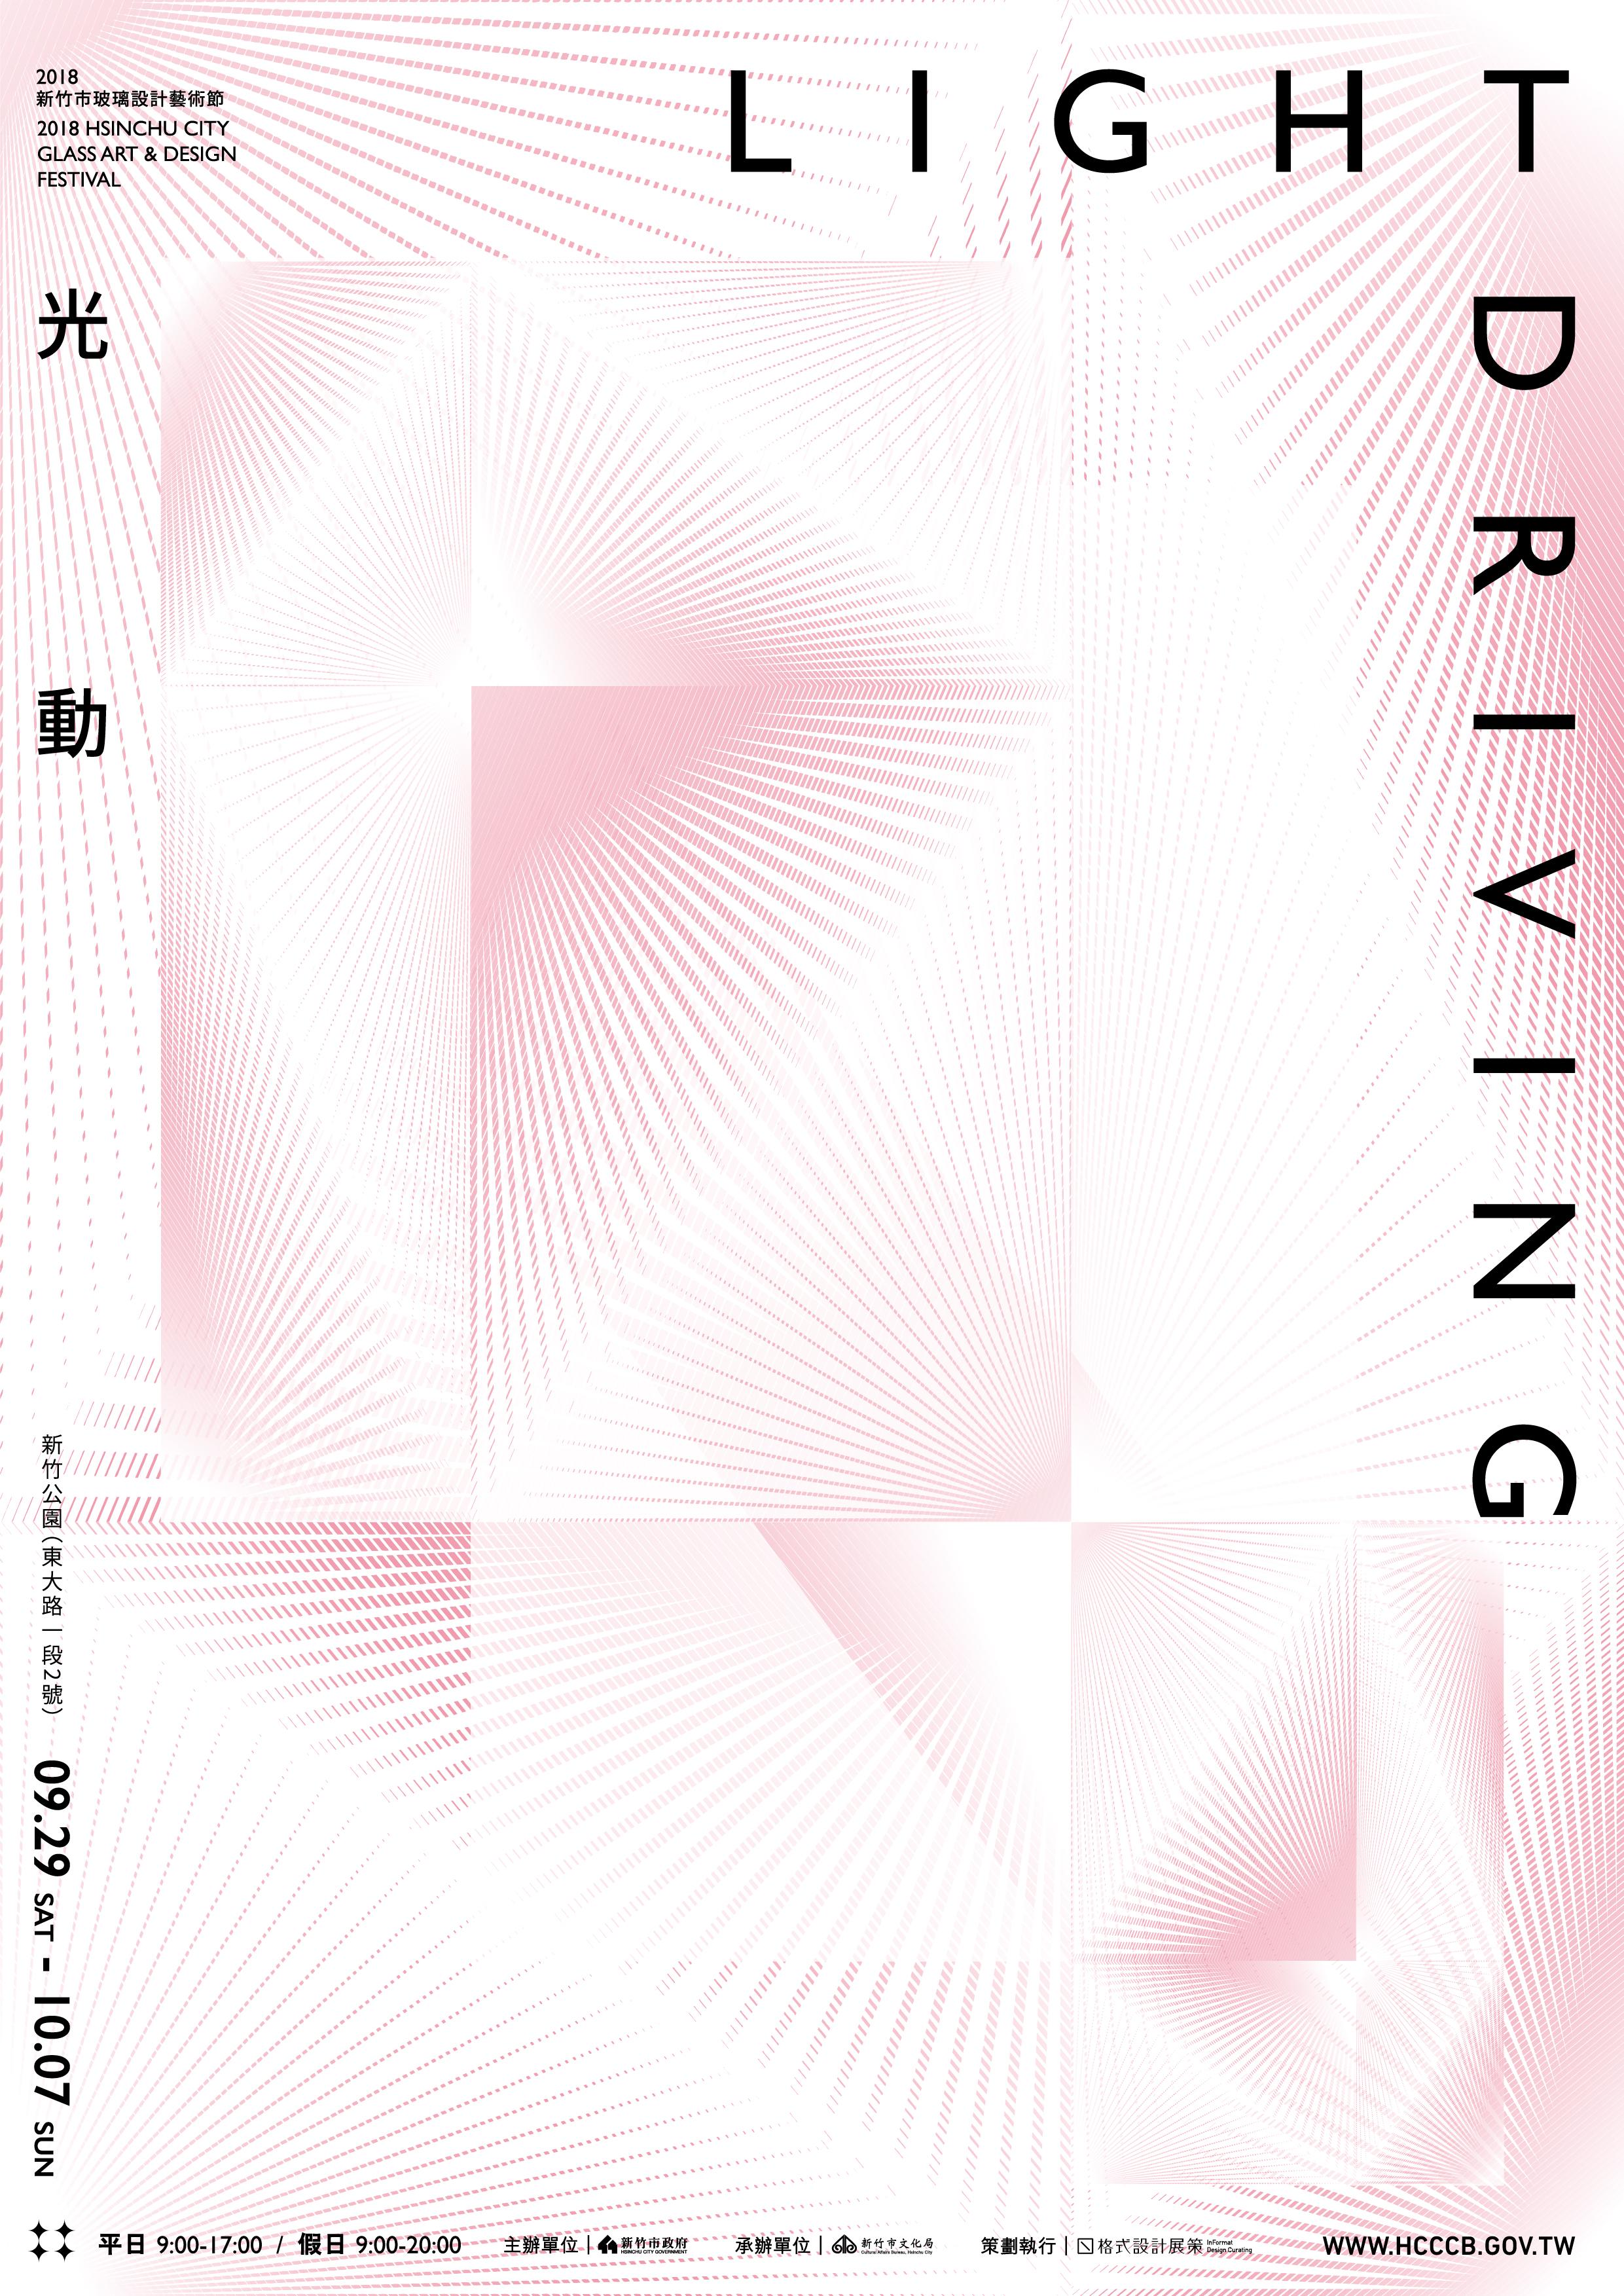 光動主視覺 發文系列-03.jpg